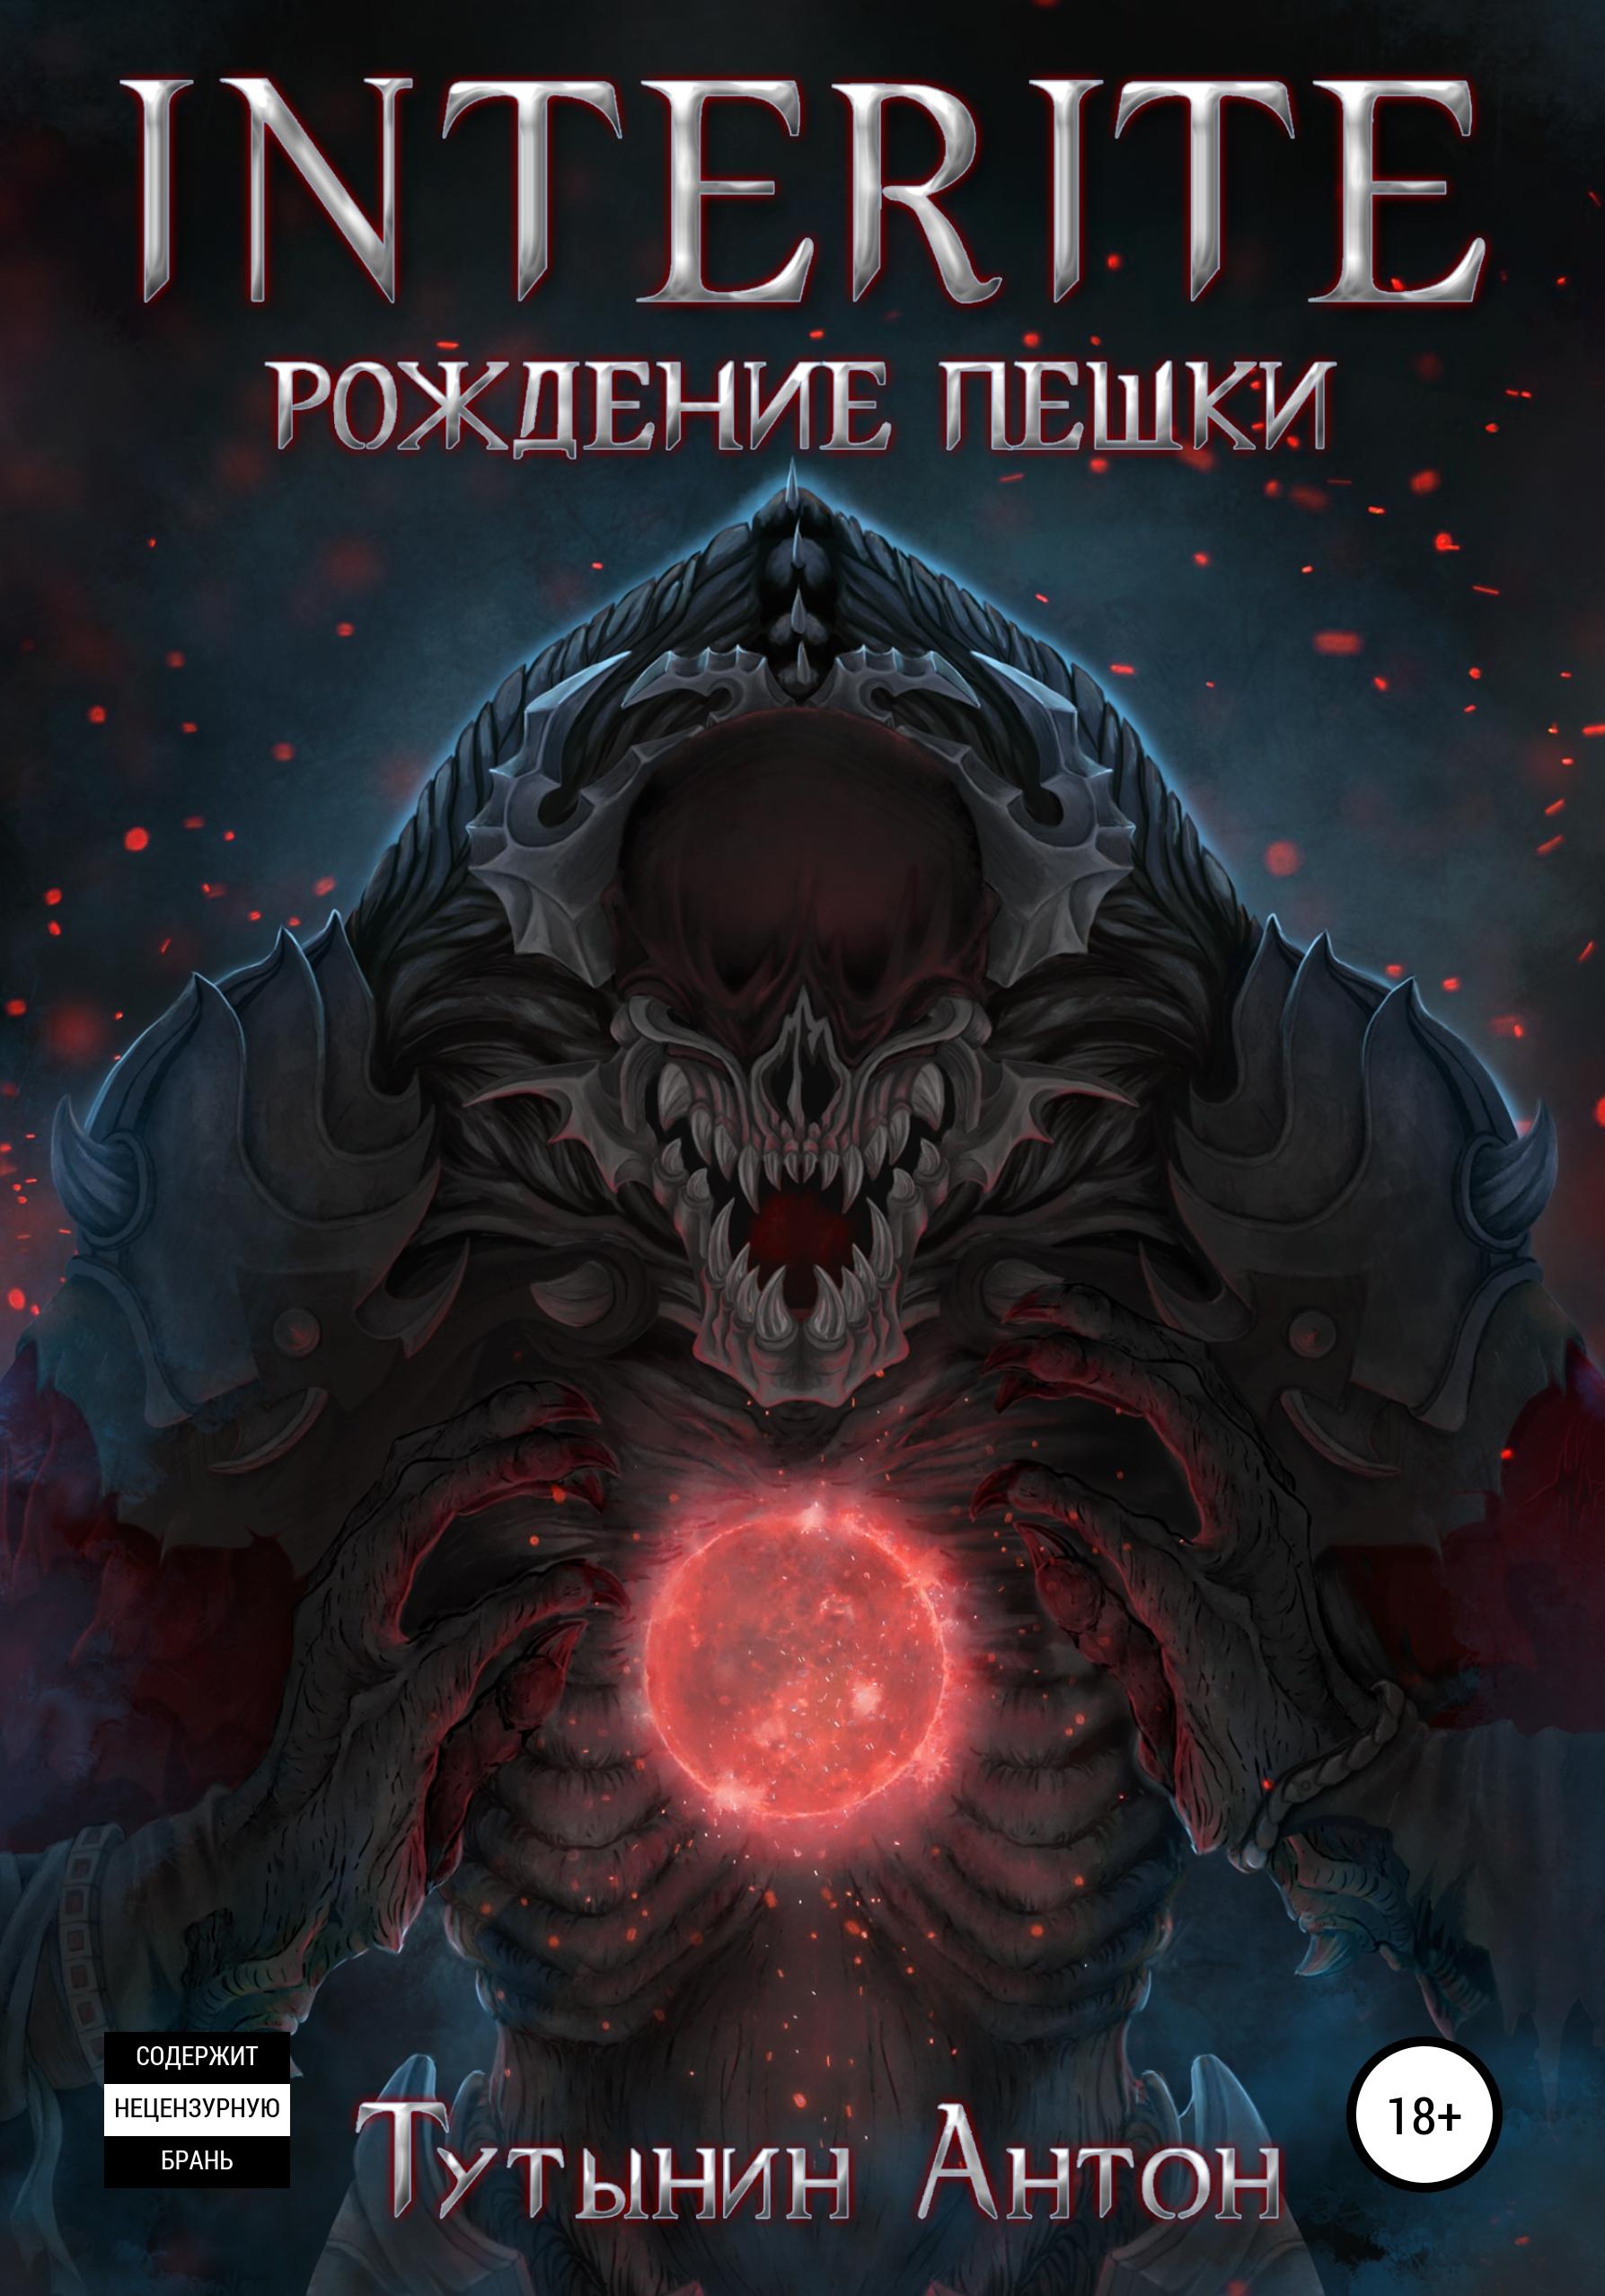 Купить книгу INTERITE: Рождение Пешки, автора Антона Сергеевича Тутынина